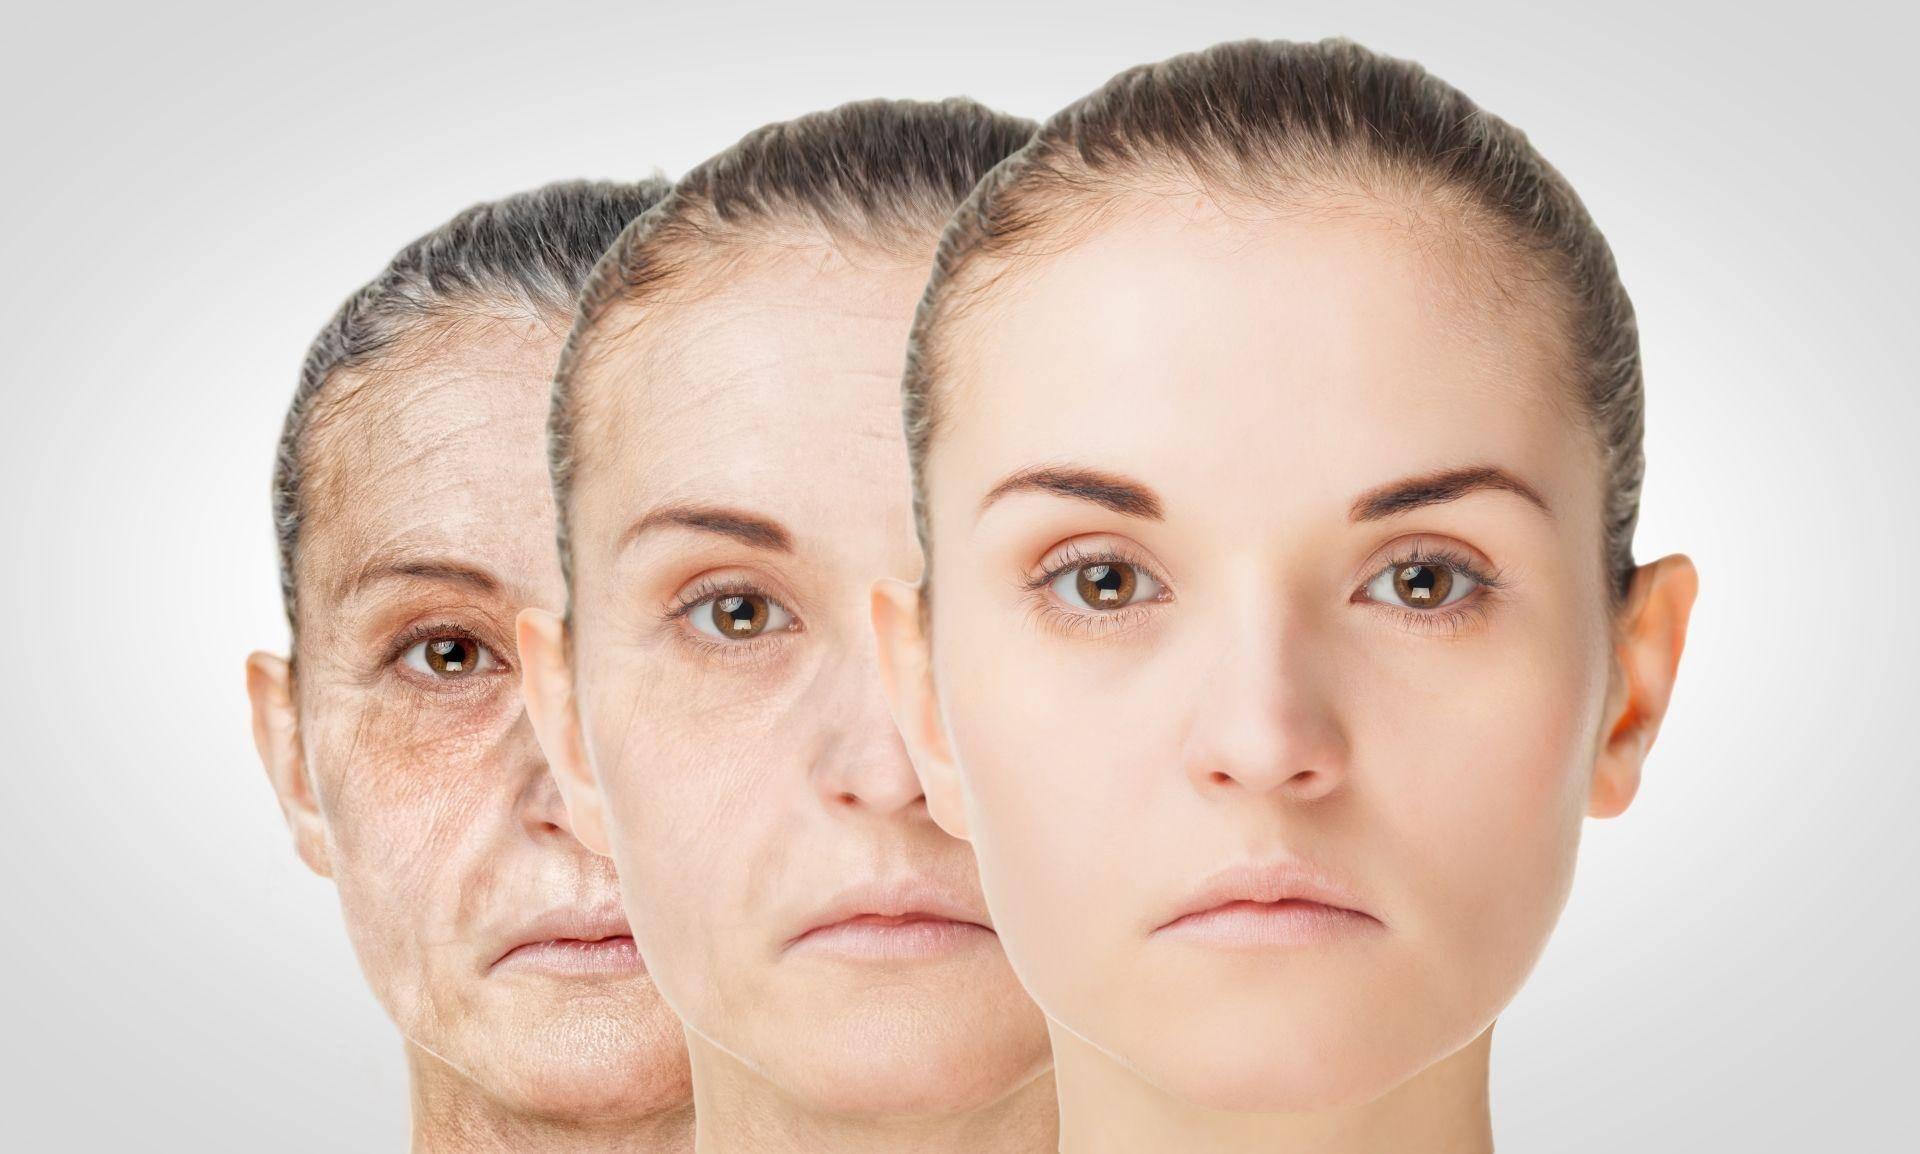 Омоложение лица — как вернуть молодость за короткое время? самые эффективные и действенные процедуры для омоложения лица